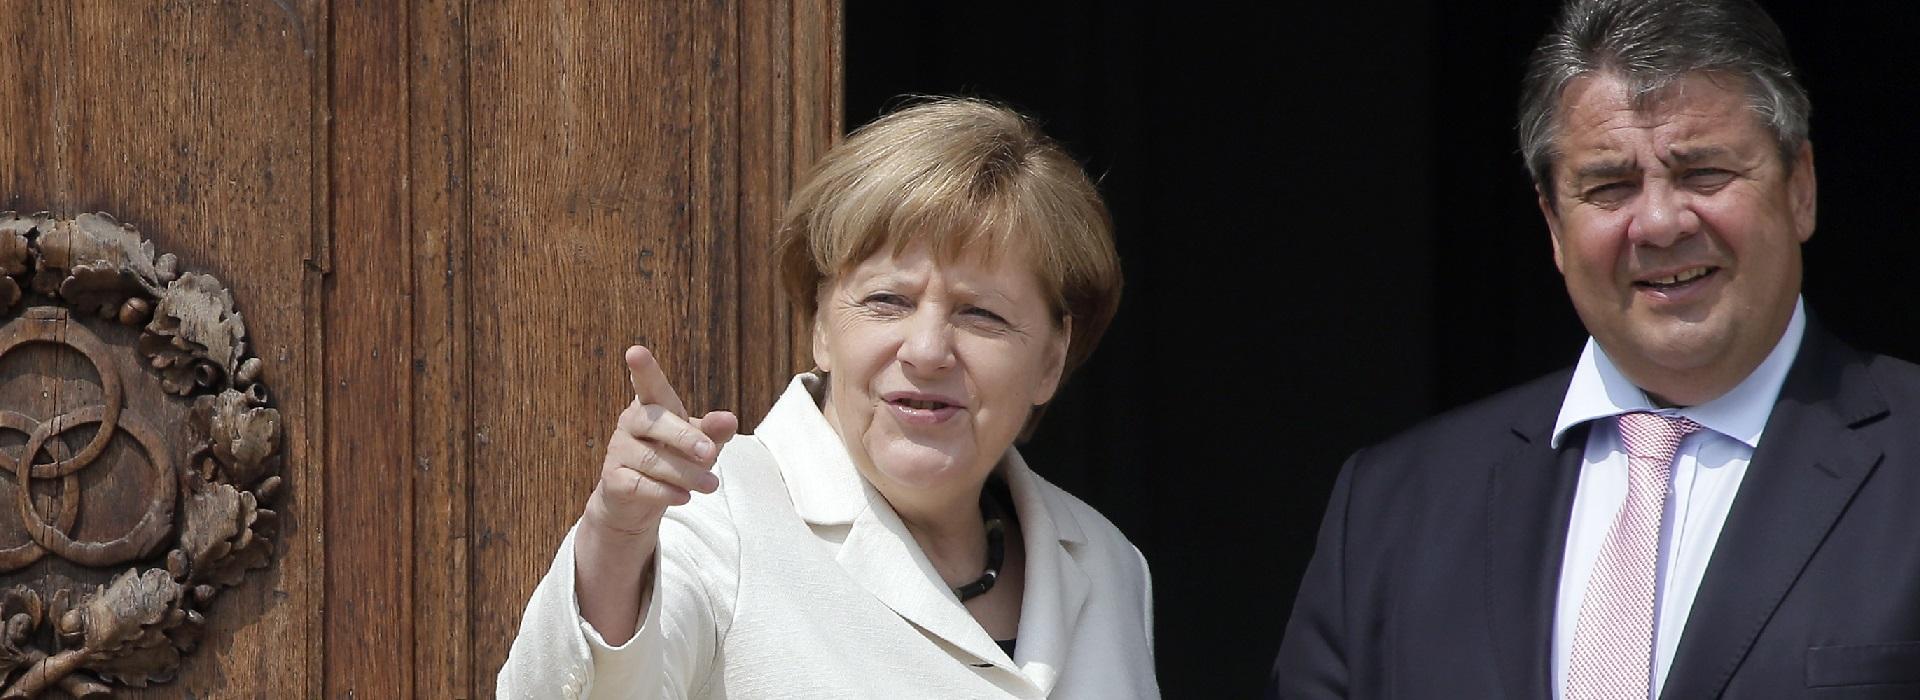 Niemcy nie zamierzają płacić Grecji reparacji wojennych